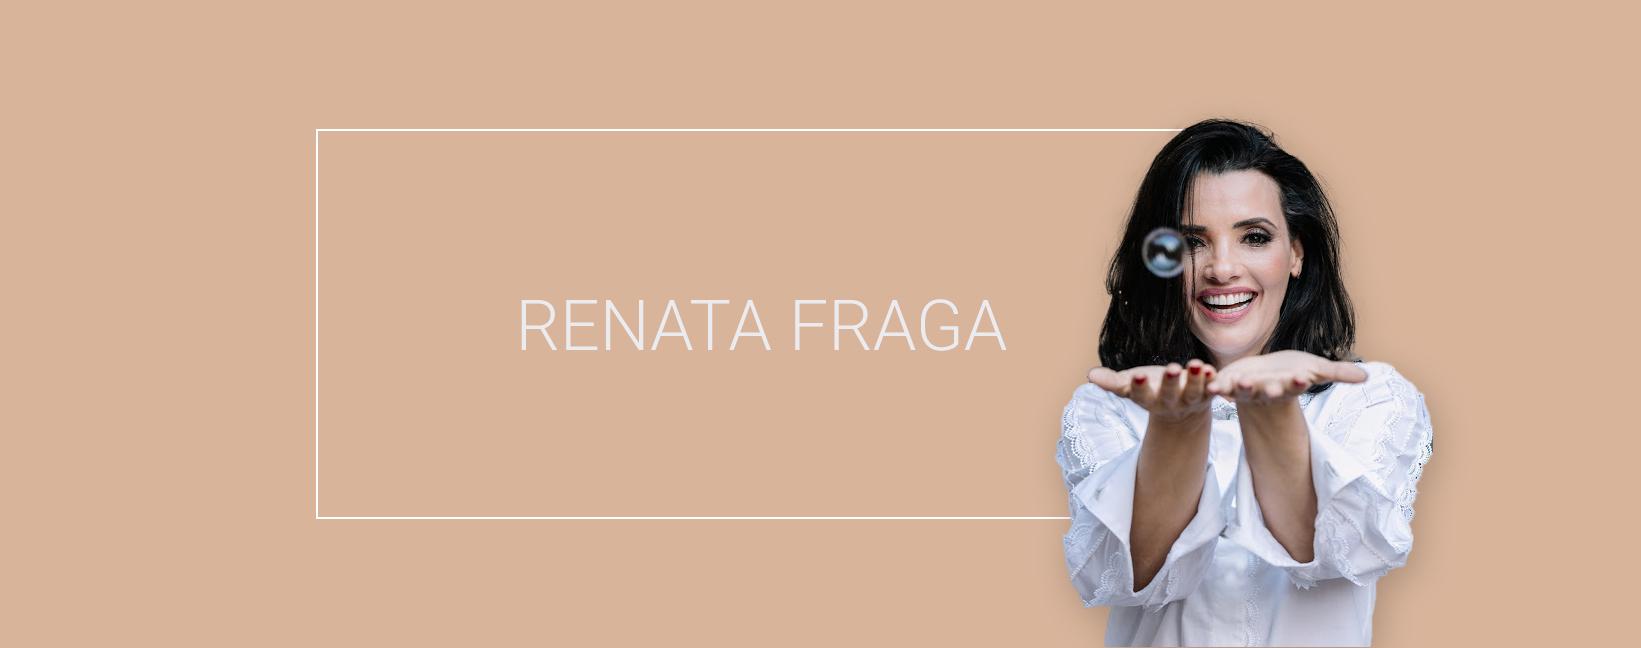 Full Banner - Principal Renata